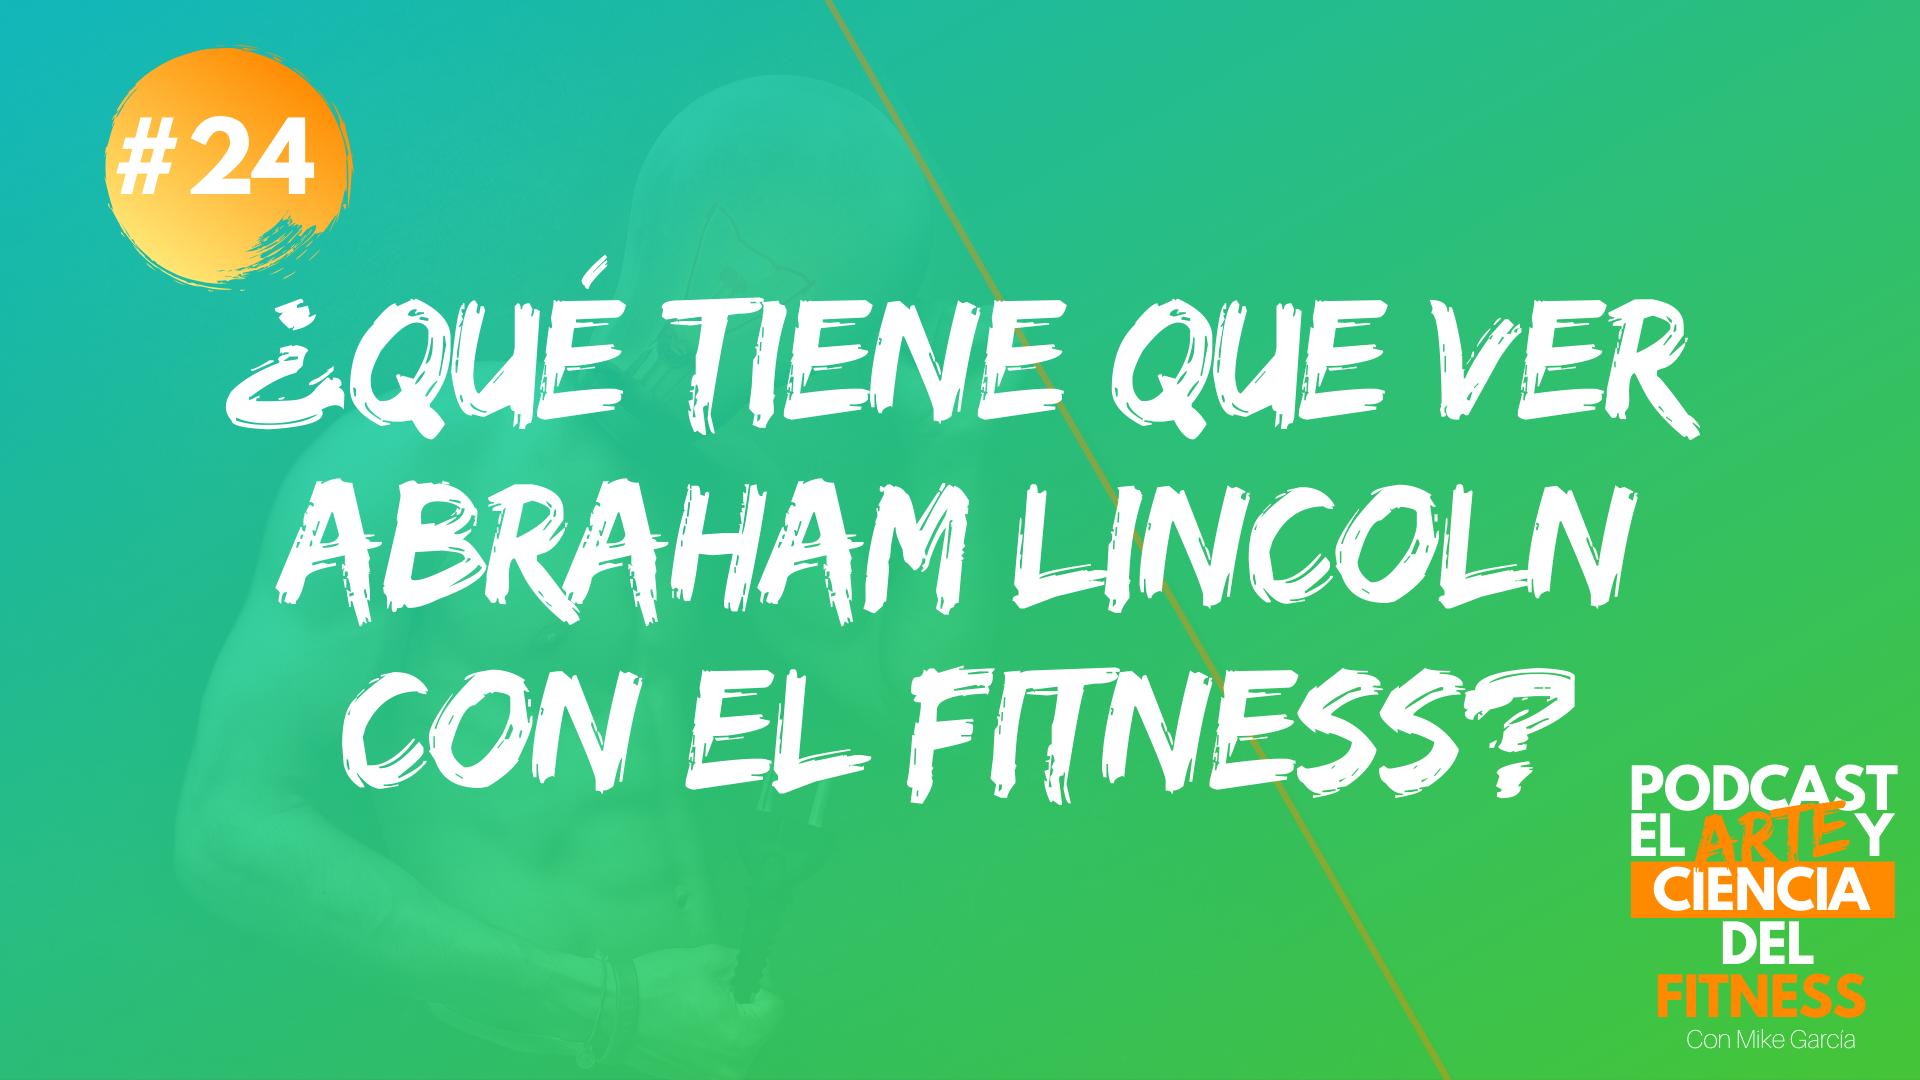 Podcast #24: ¿Qué Tiene Que Ver Abraham Lincoln Con El Fitness?